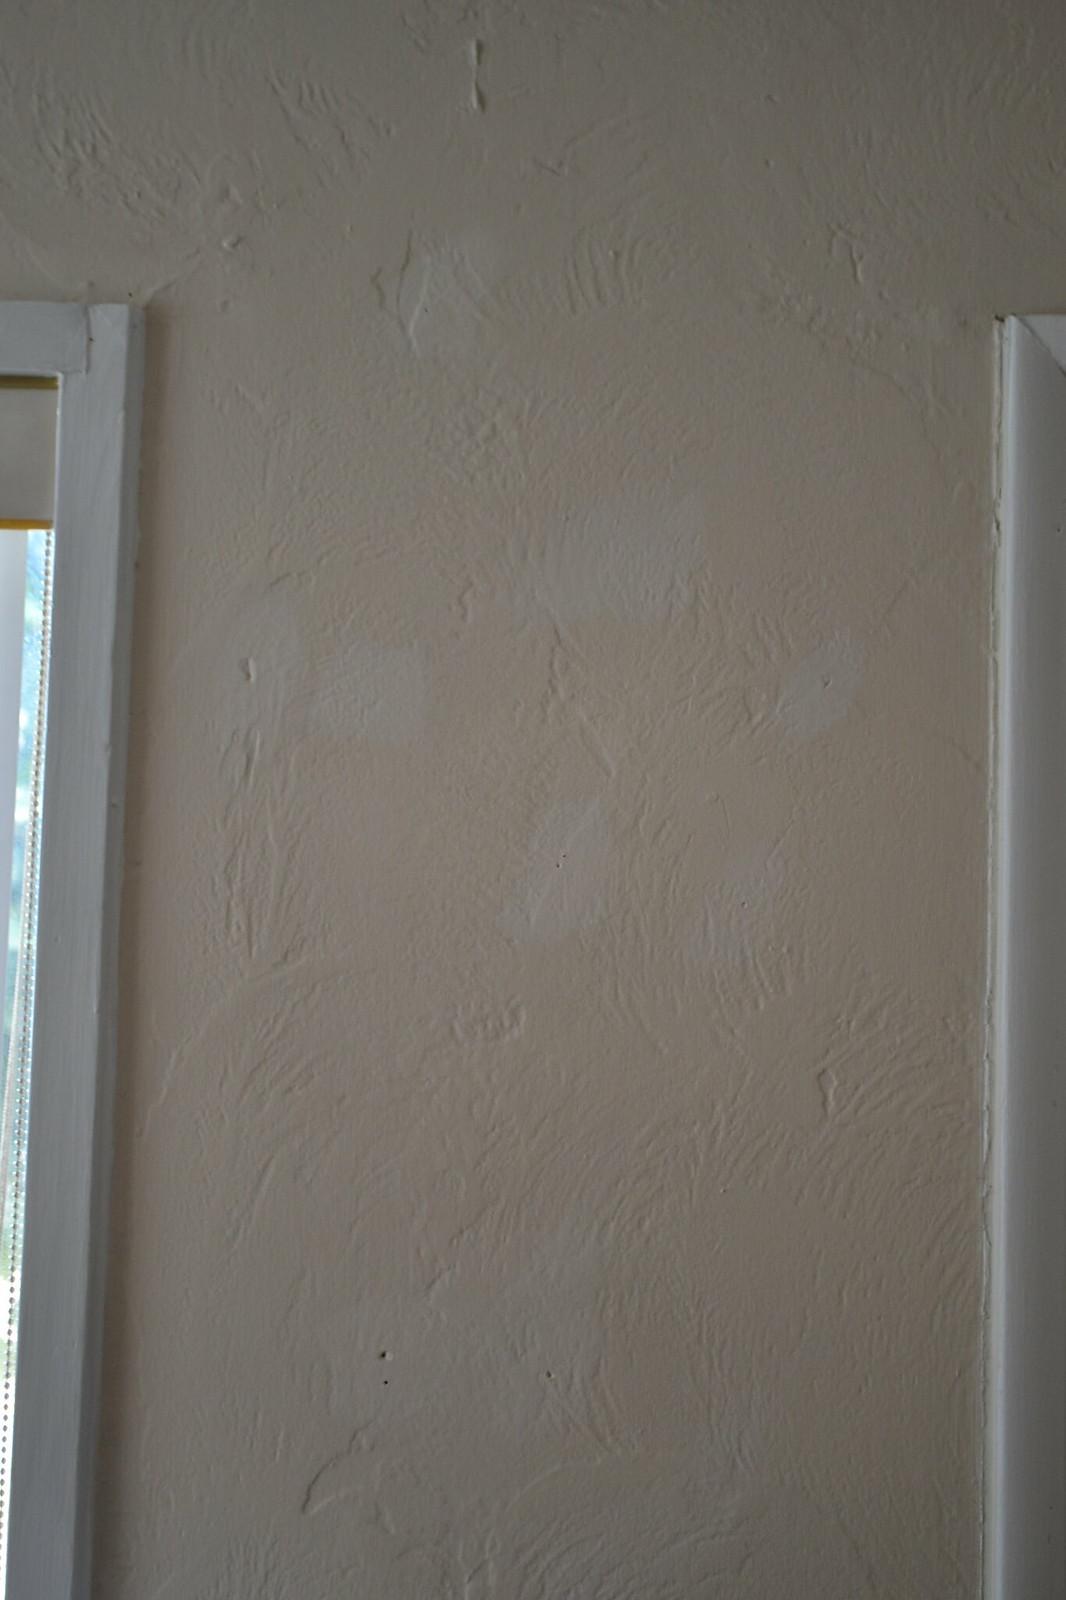 Mismatched touch up paint.